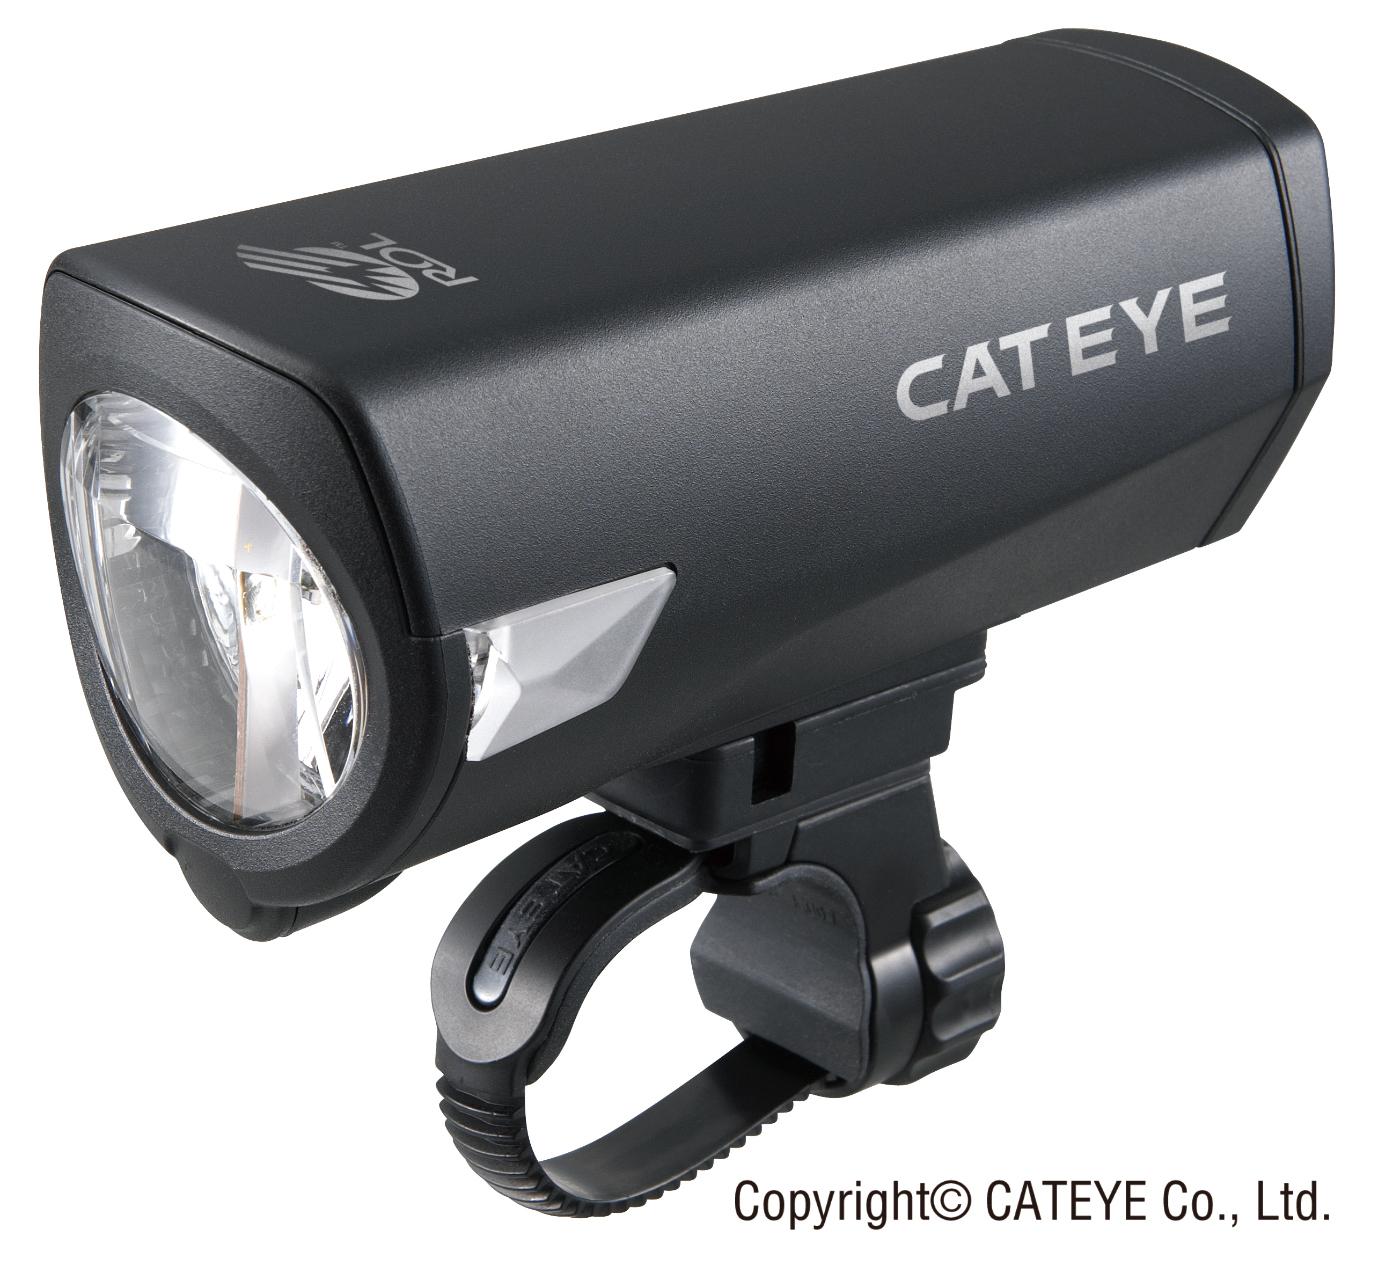 Forlygte Cateye HL-EL540RC 1 ROL LED 4000 Candela